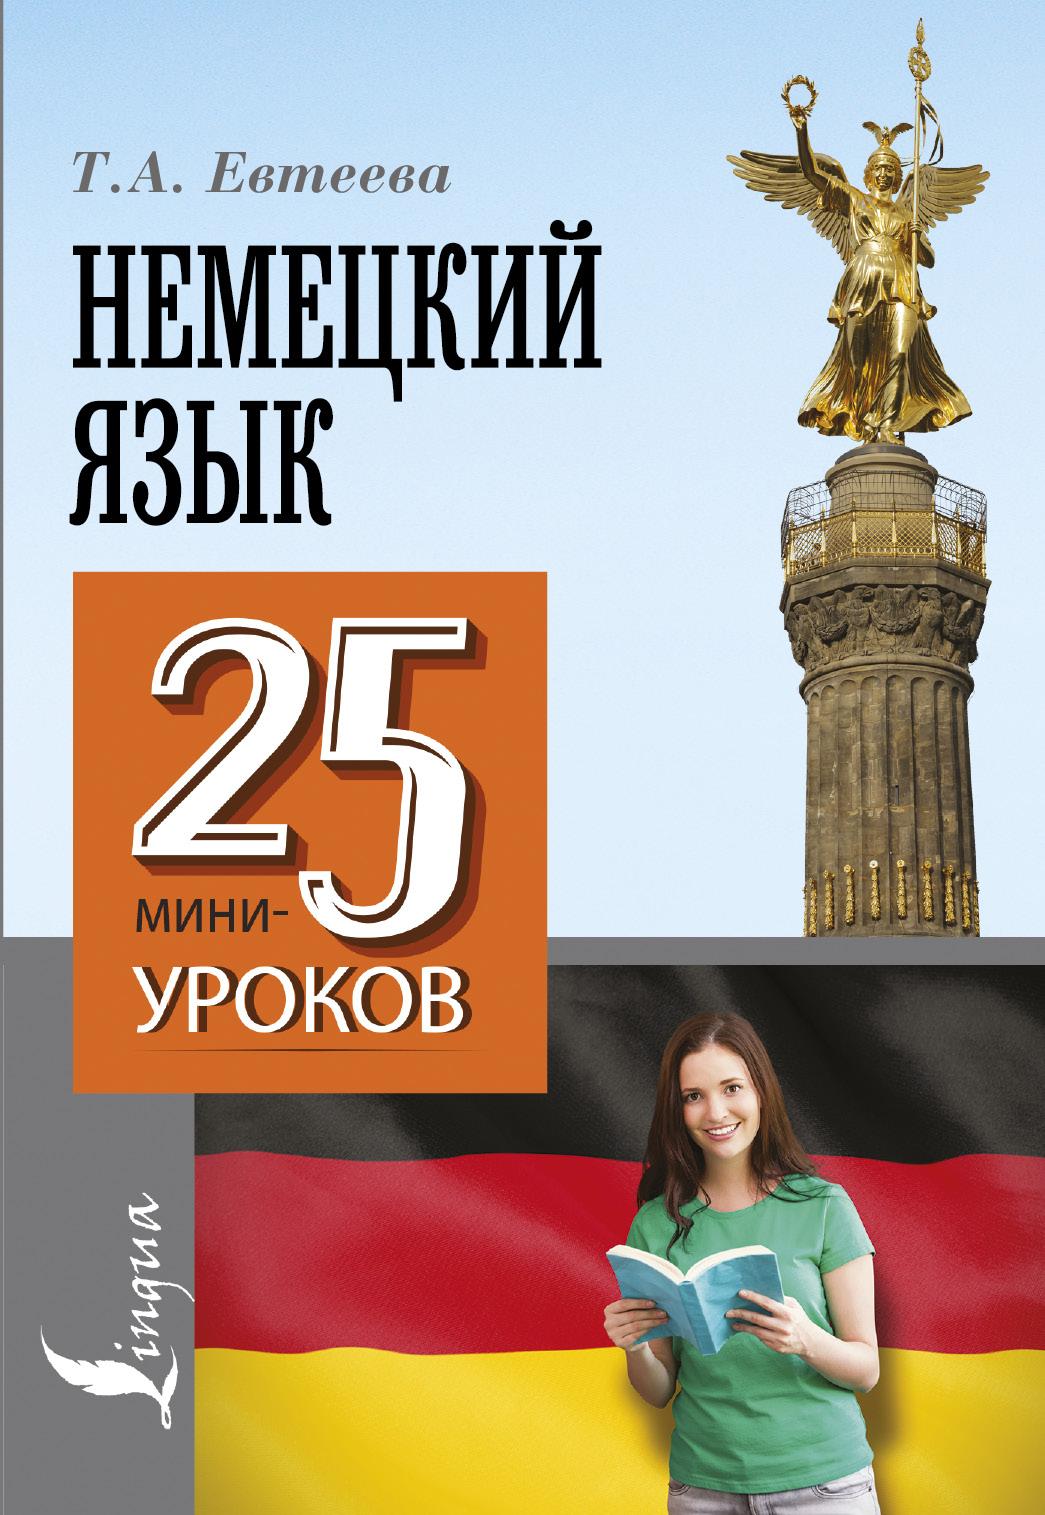 Немецкий язык. 25 мини-уроков от book24.ru